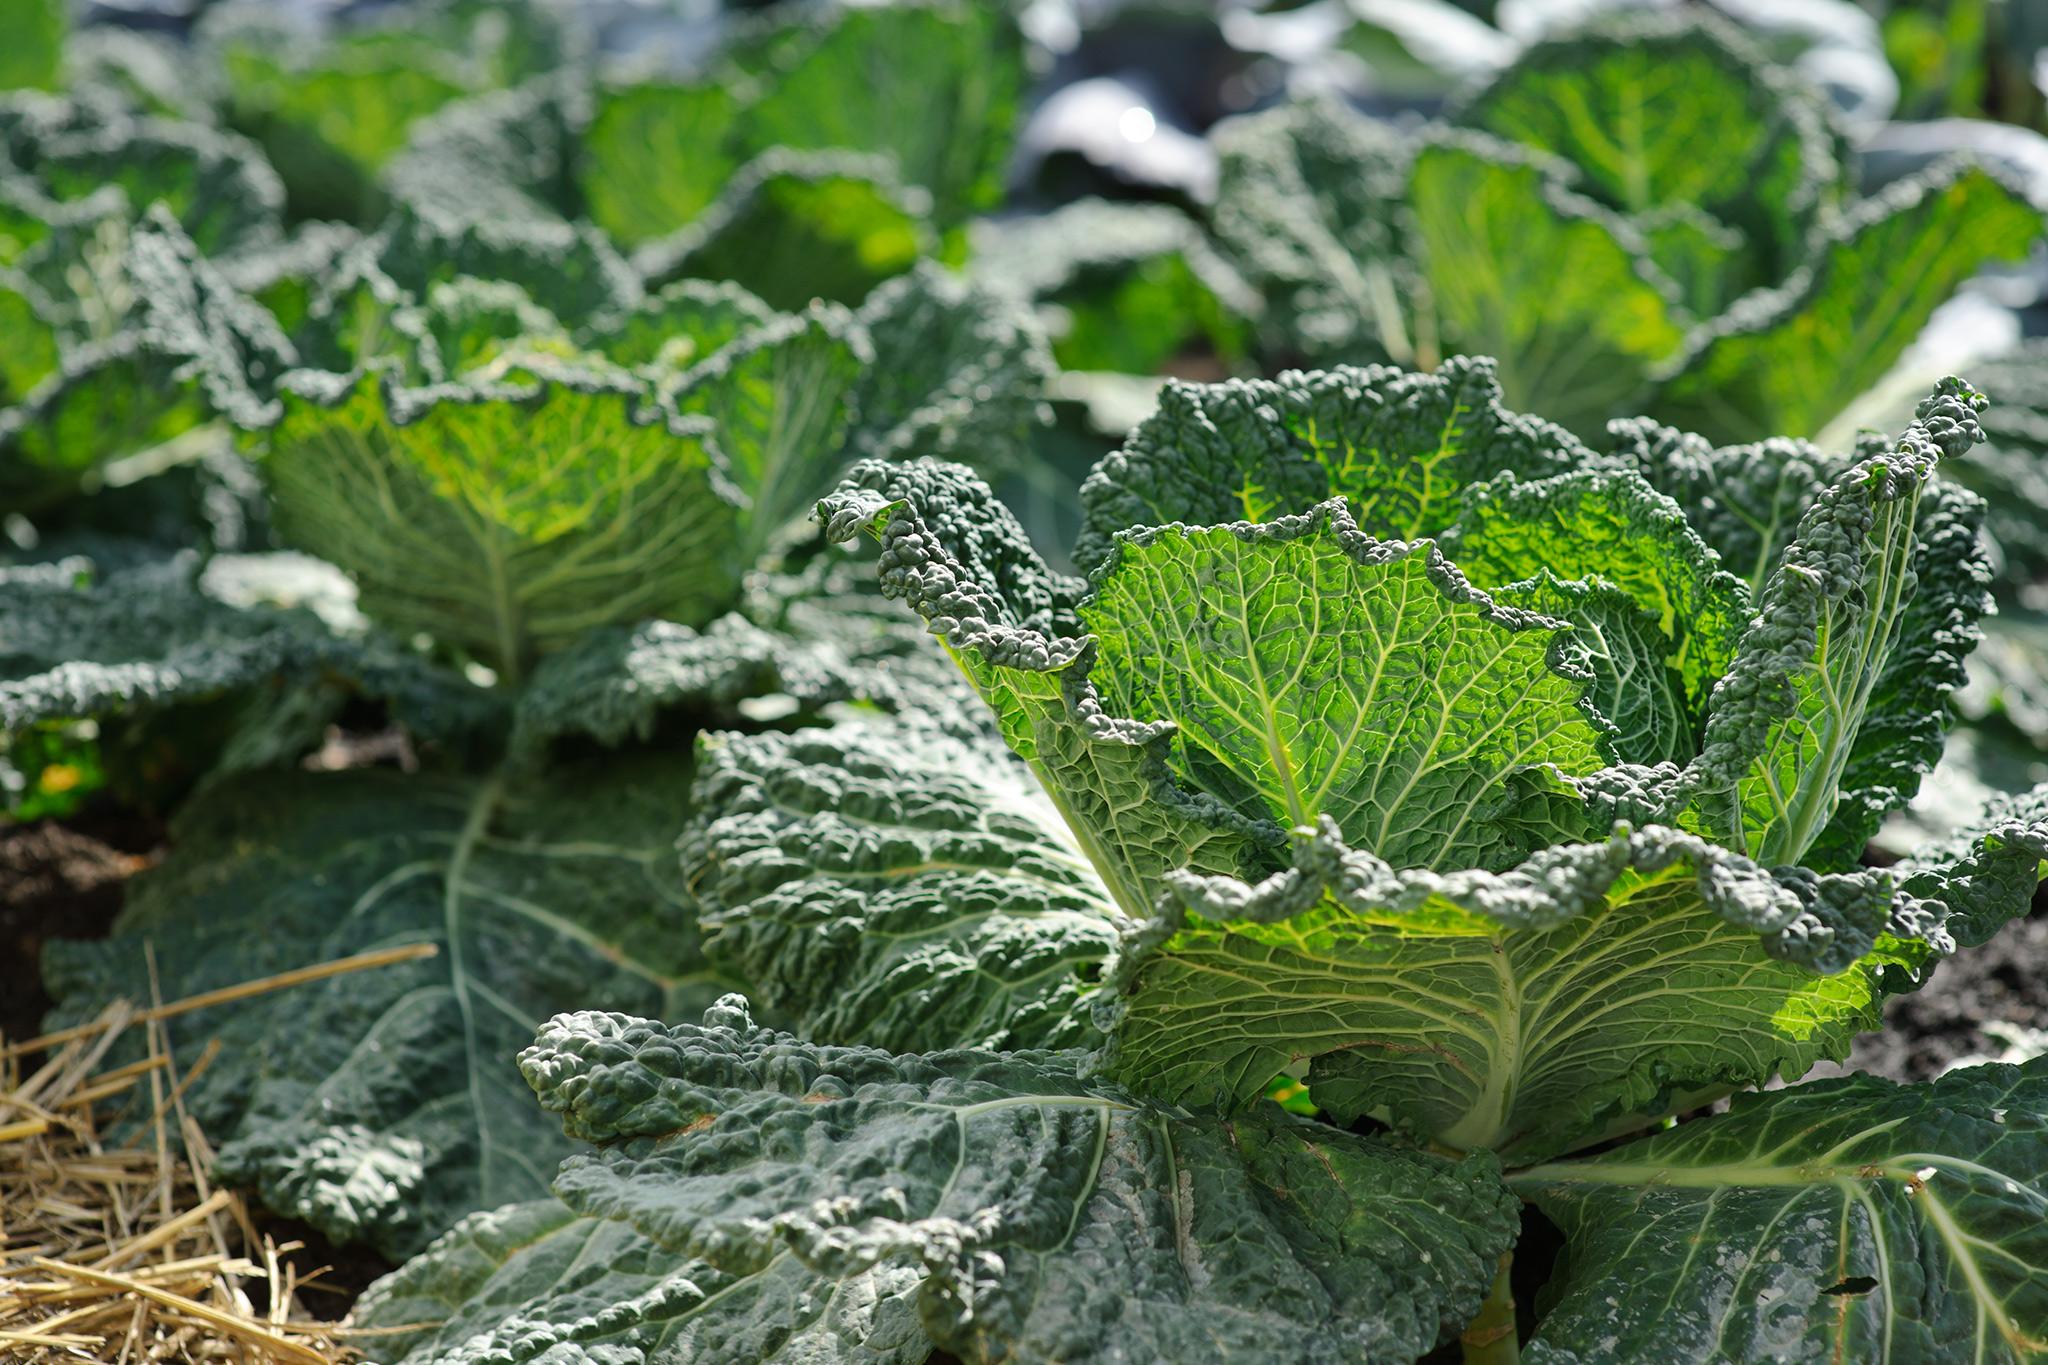 Savoy cabbage heads